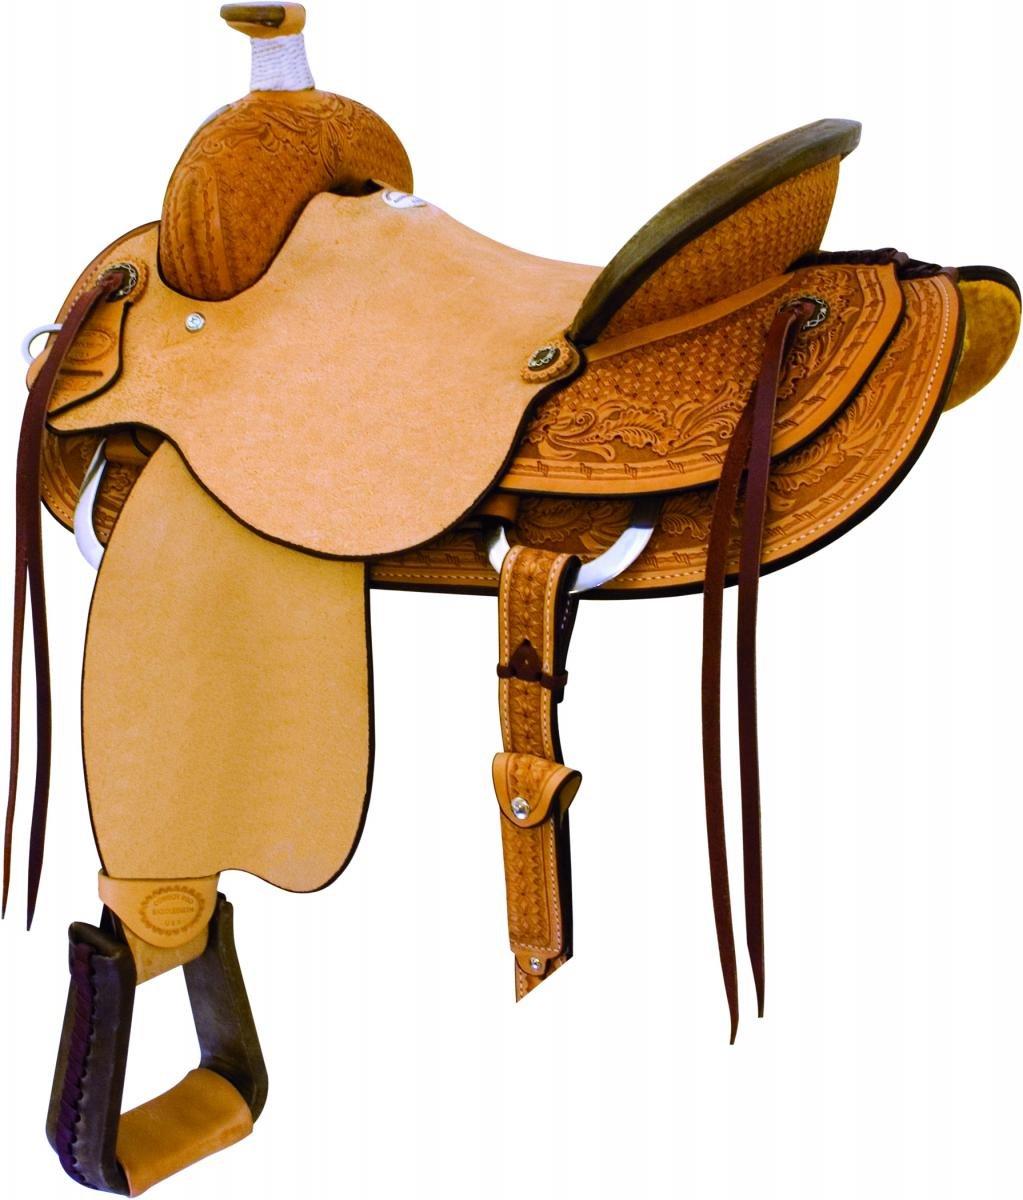 Billy Cook Saddlery Sheridan Ranchサドル Sheridan B0089KTYJ6 15.5In Parent B0089KTYJ6 ピーカン 15.5In, リラの女王様:5e452b0e --- m2cweb.com